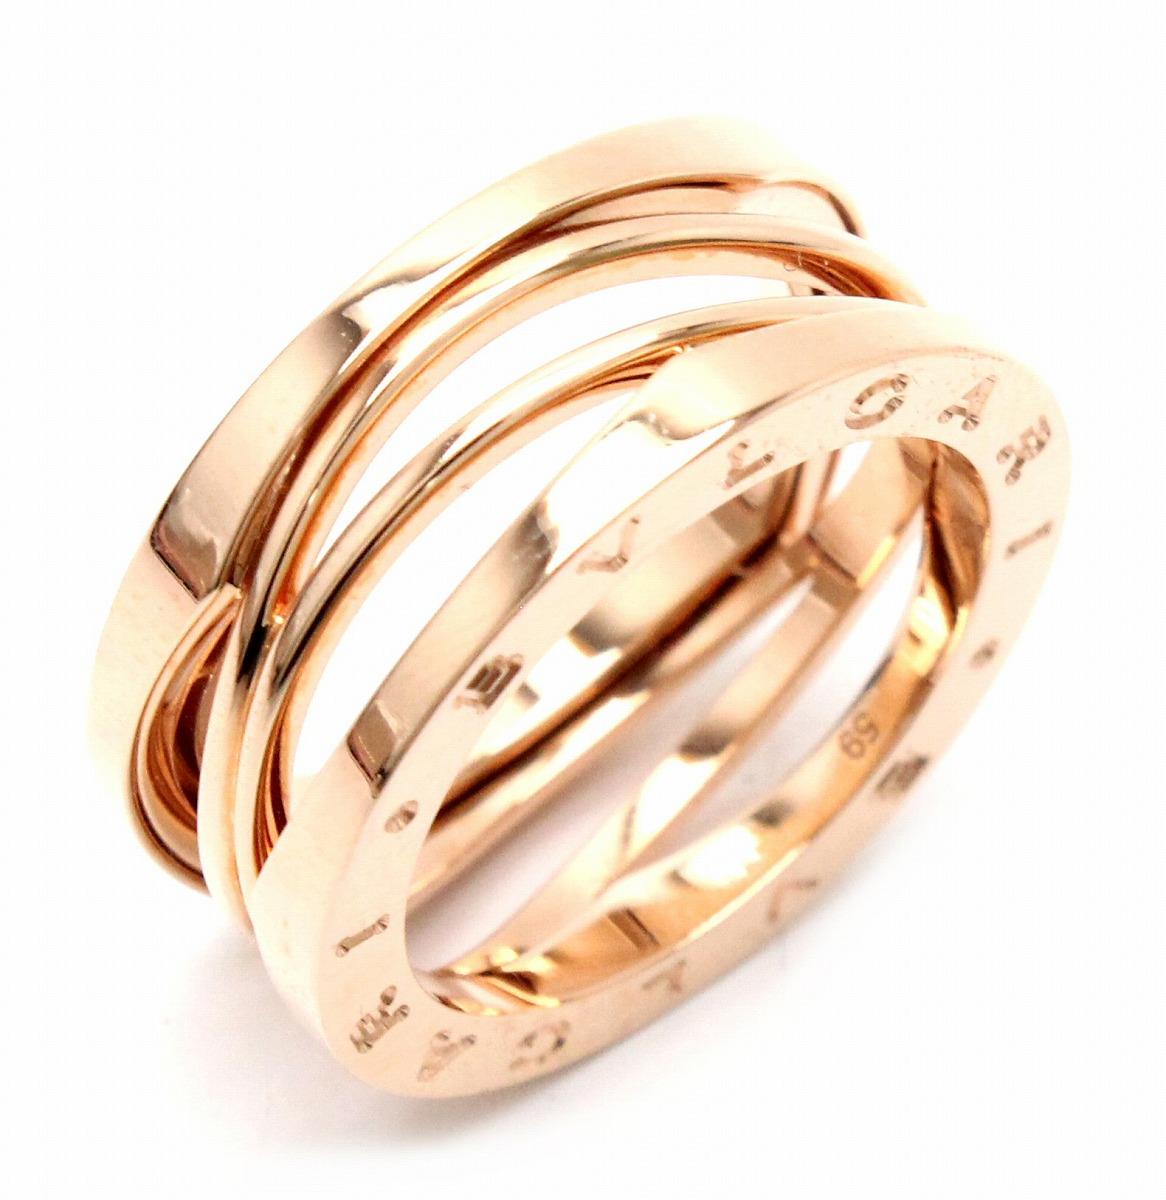 【ジュエリー】BVLGARI ブルガリ B.zero1 ビーゼロワン デザインレジェンドリング 指輪 K1WPG ピンクゴールド 3バンド 19号 #59 AN858029 【中古】【u】